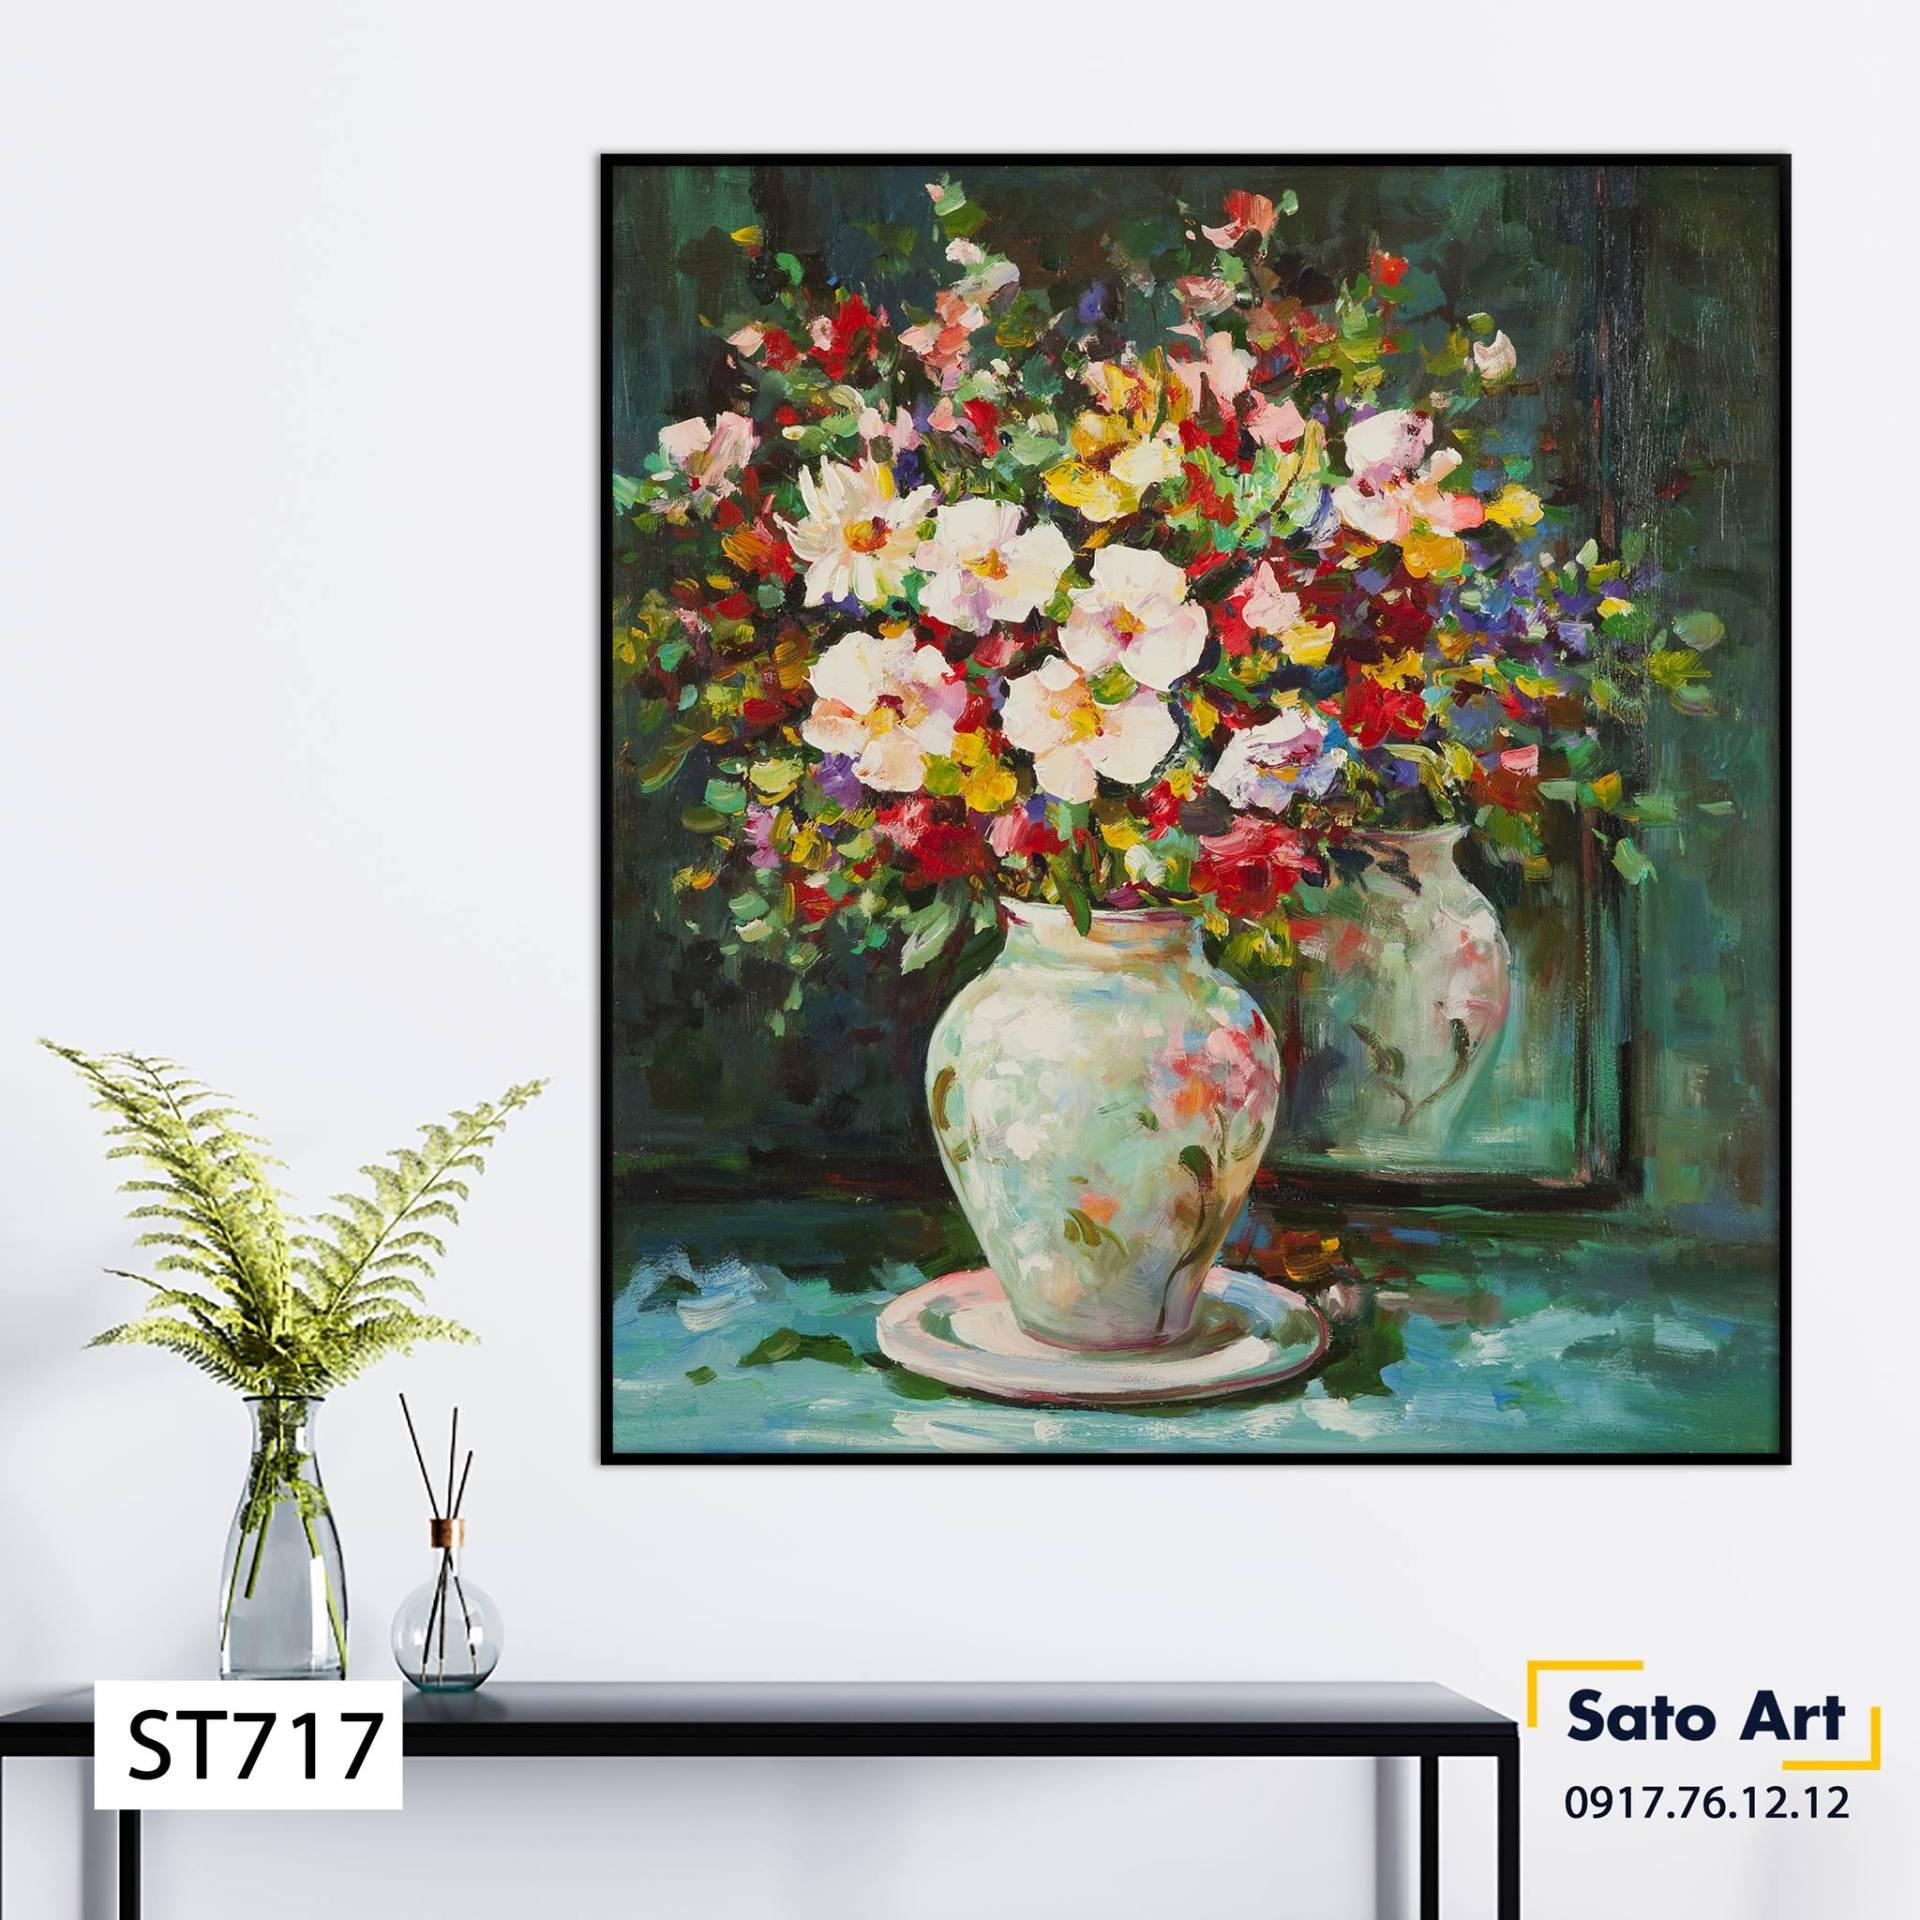 Mẫu tranh hoa đẹp